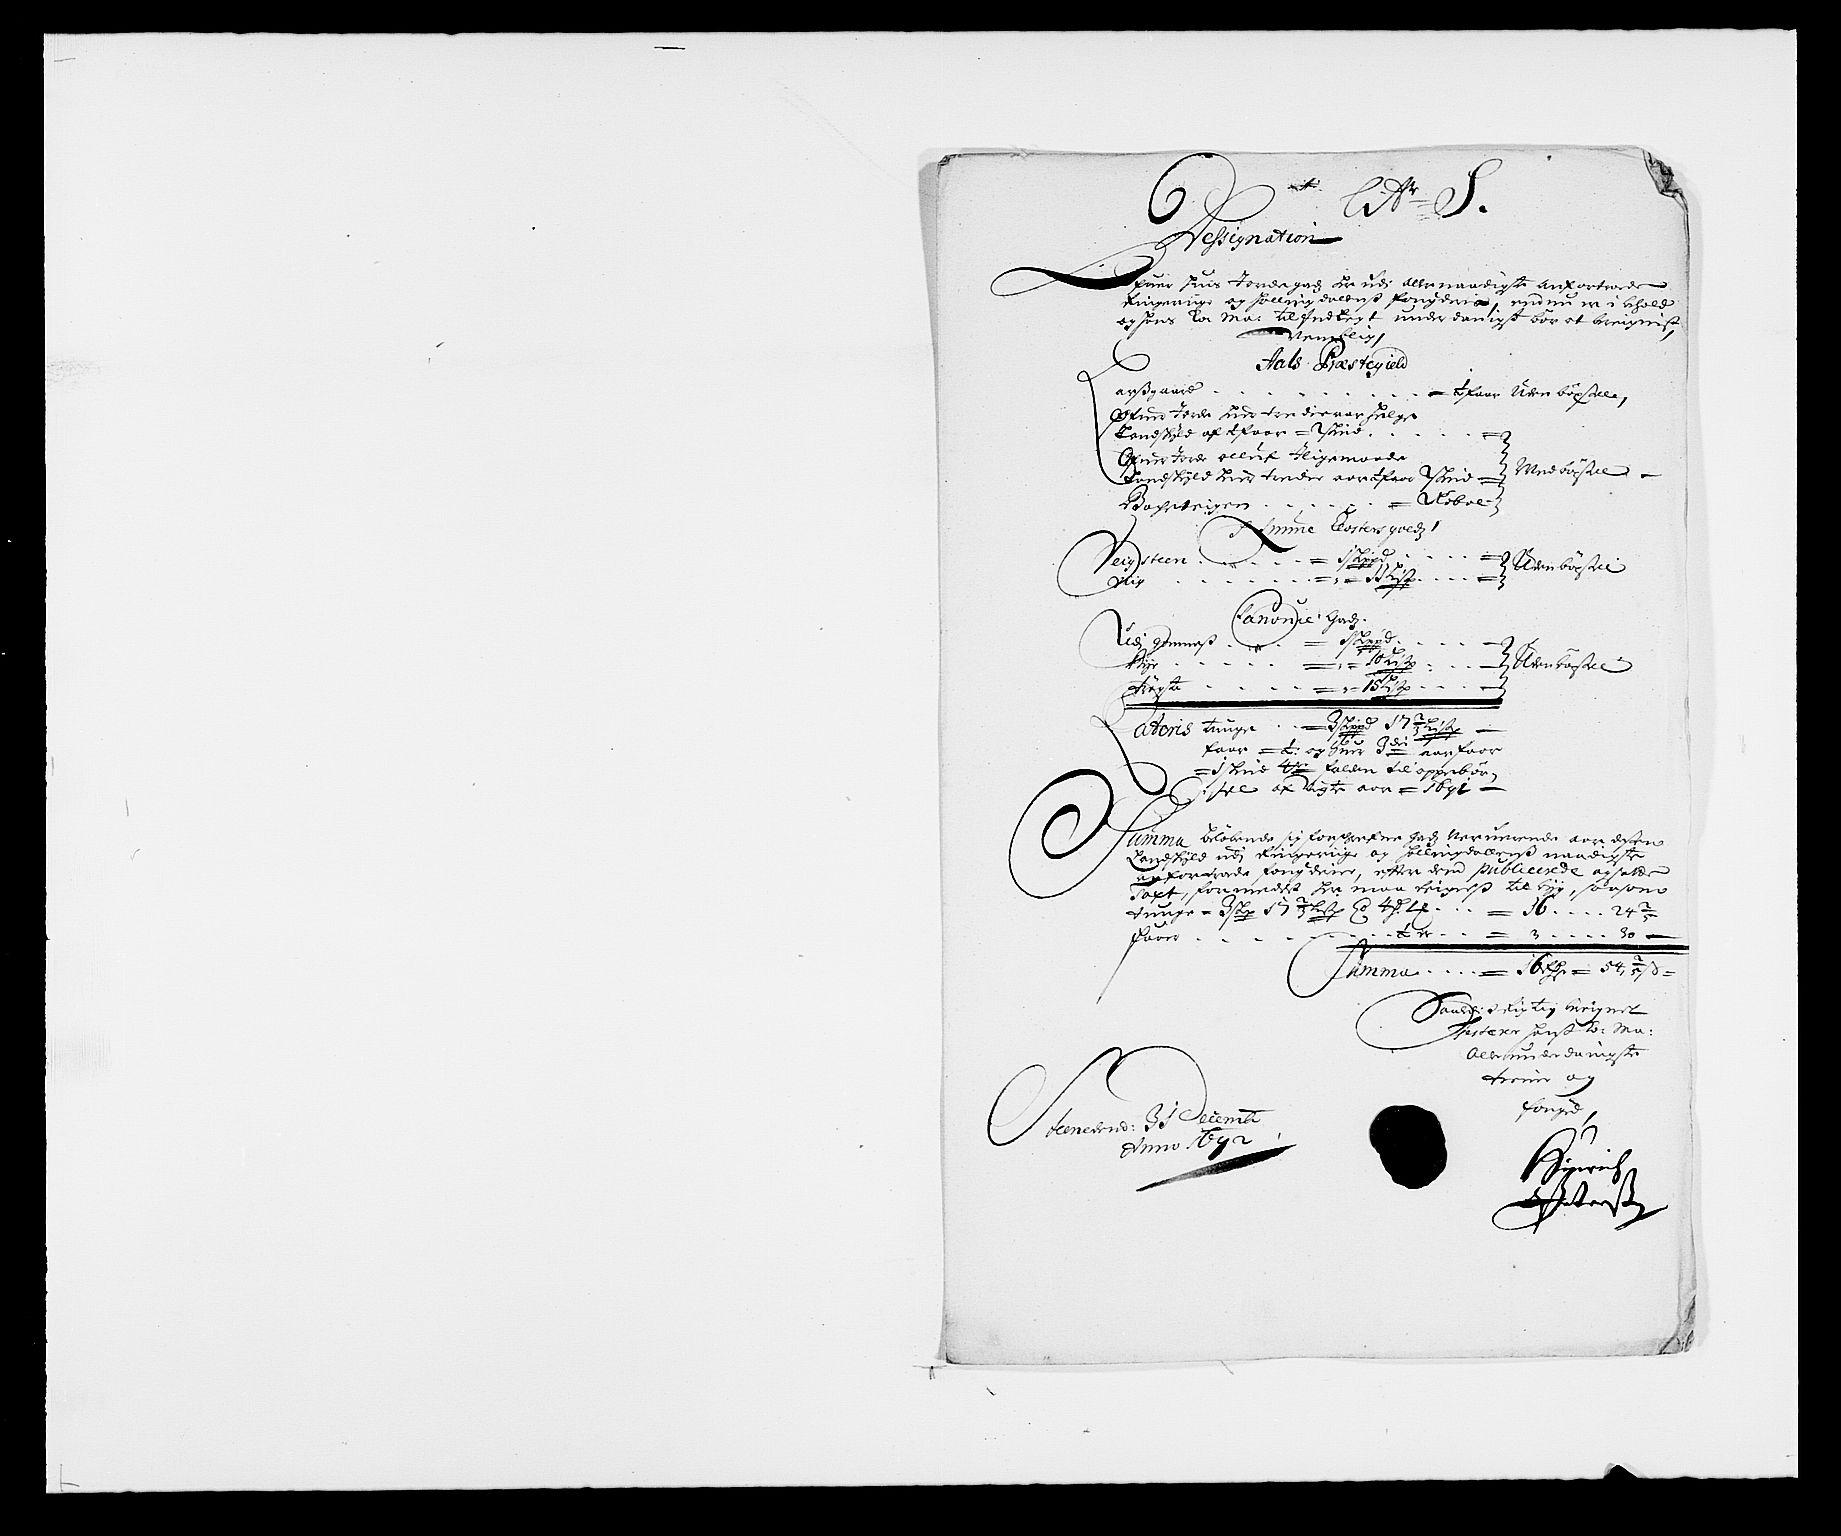 RA, Rentekammeret inntil 1814, Reviderte regnskaper, Fogderegnskap, R21/L1449: Fogderegnskap Ringerike og Hallingdal, 1690-1692, s. 5